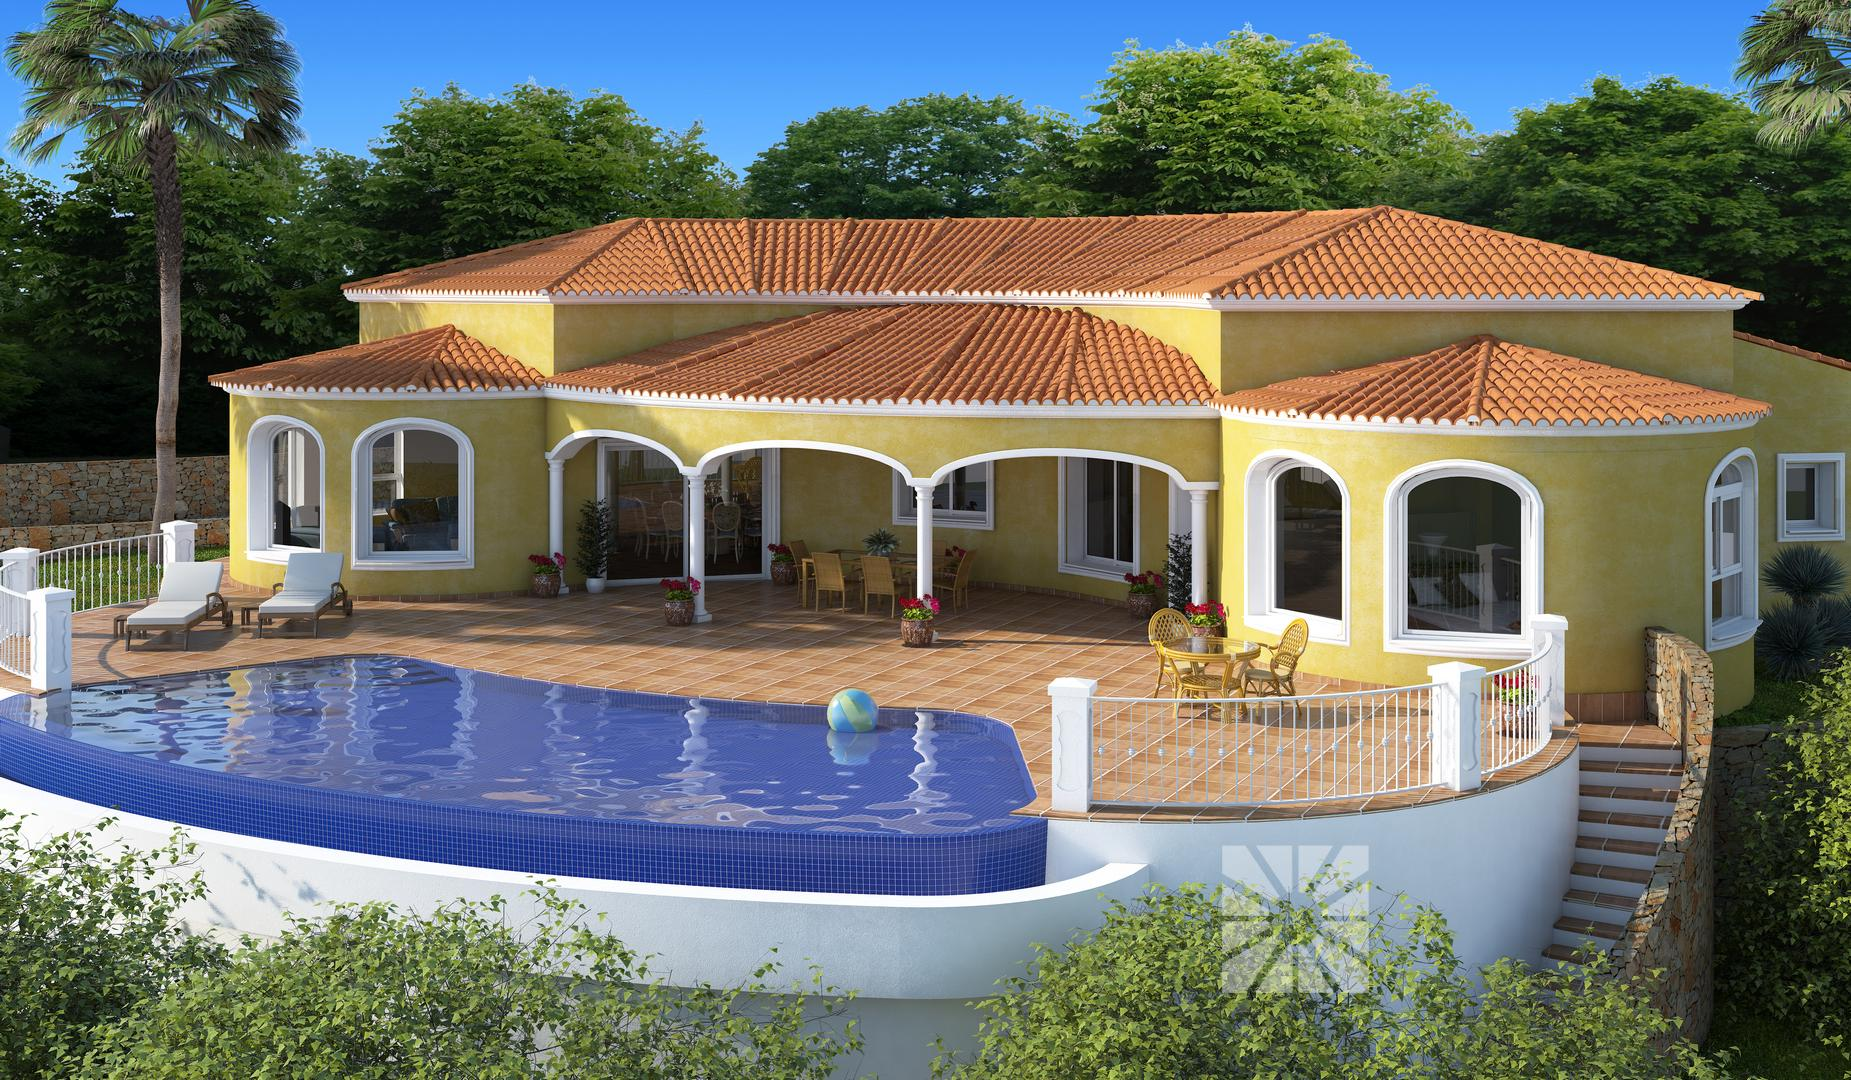 Venta chalets en cumbre del sol villa modelo sevilla de - Modelos de chalet ...